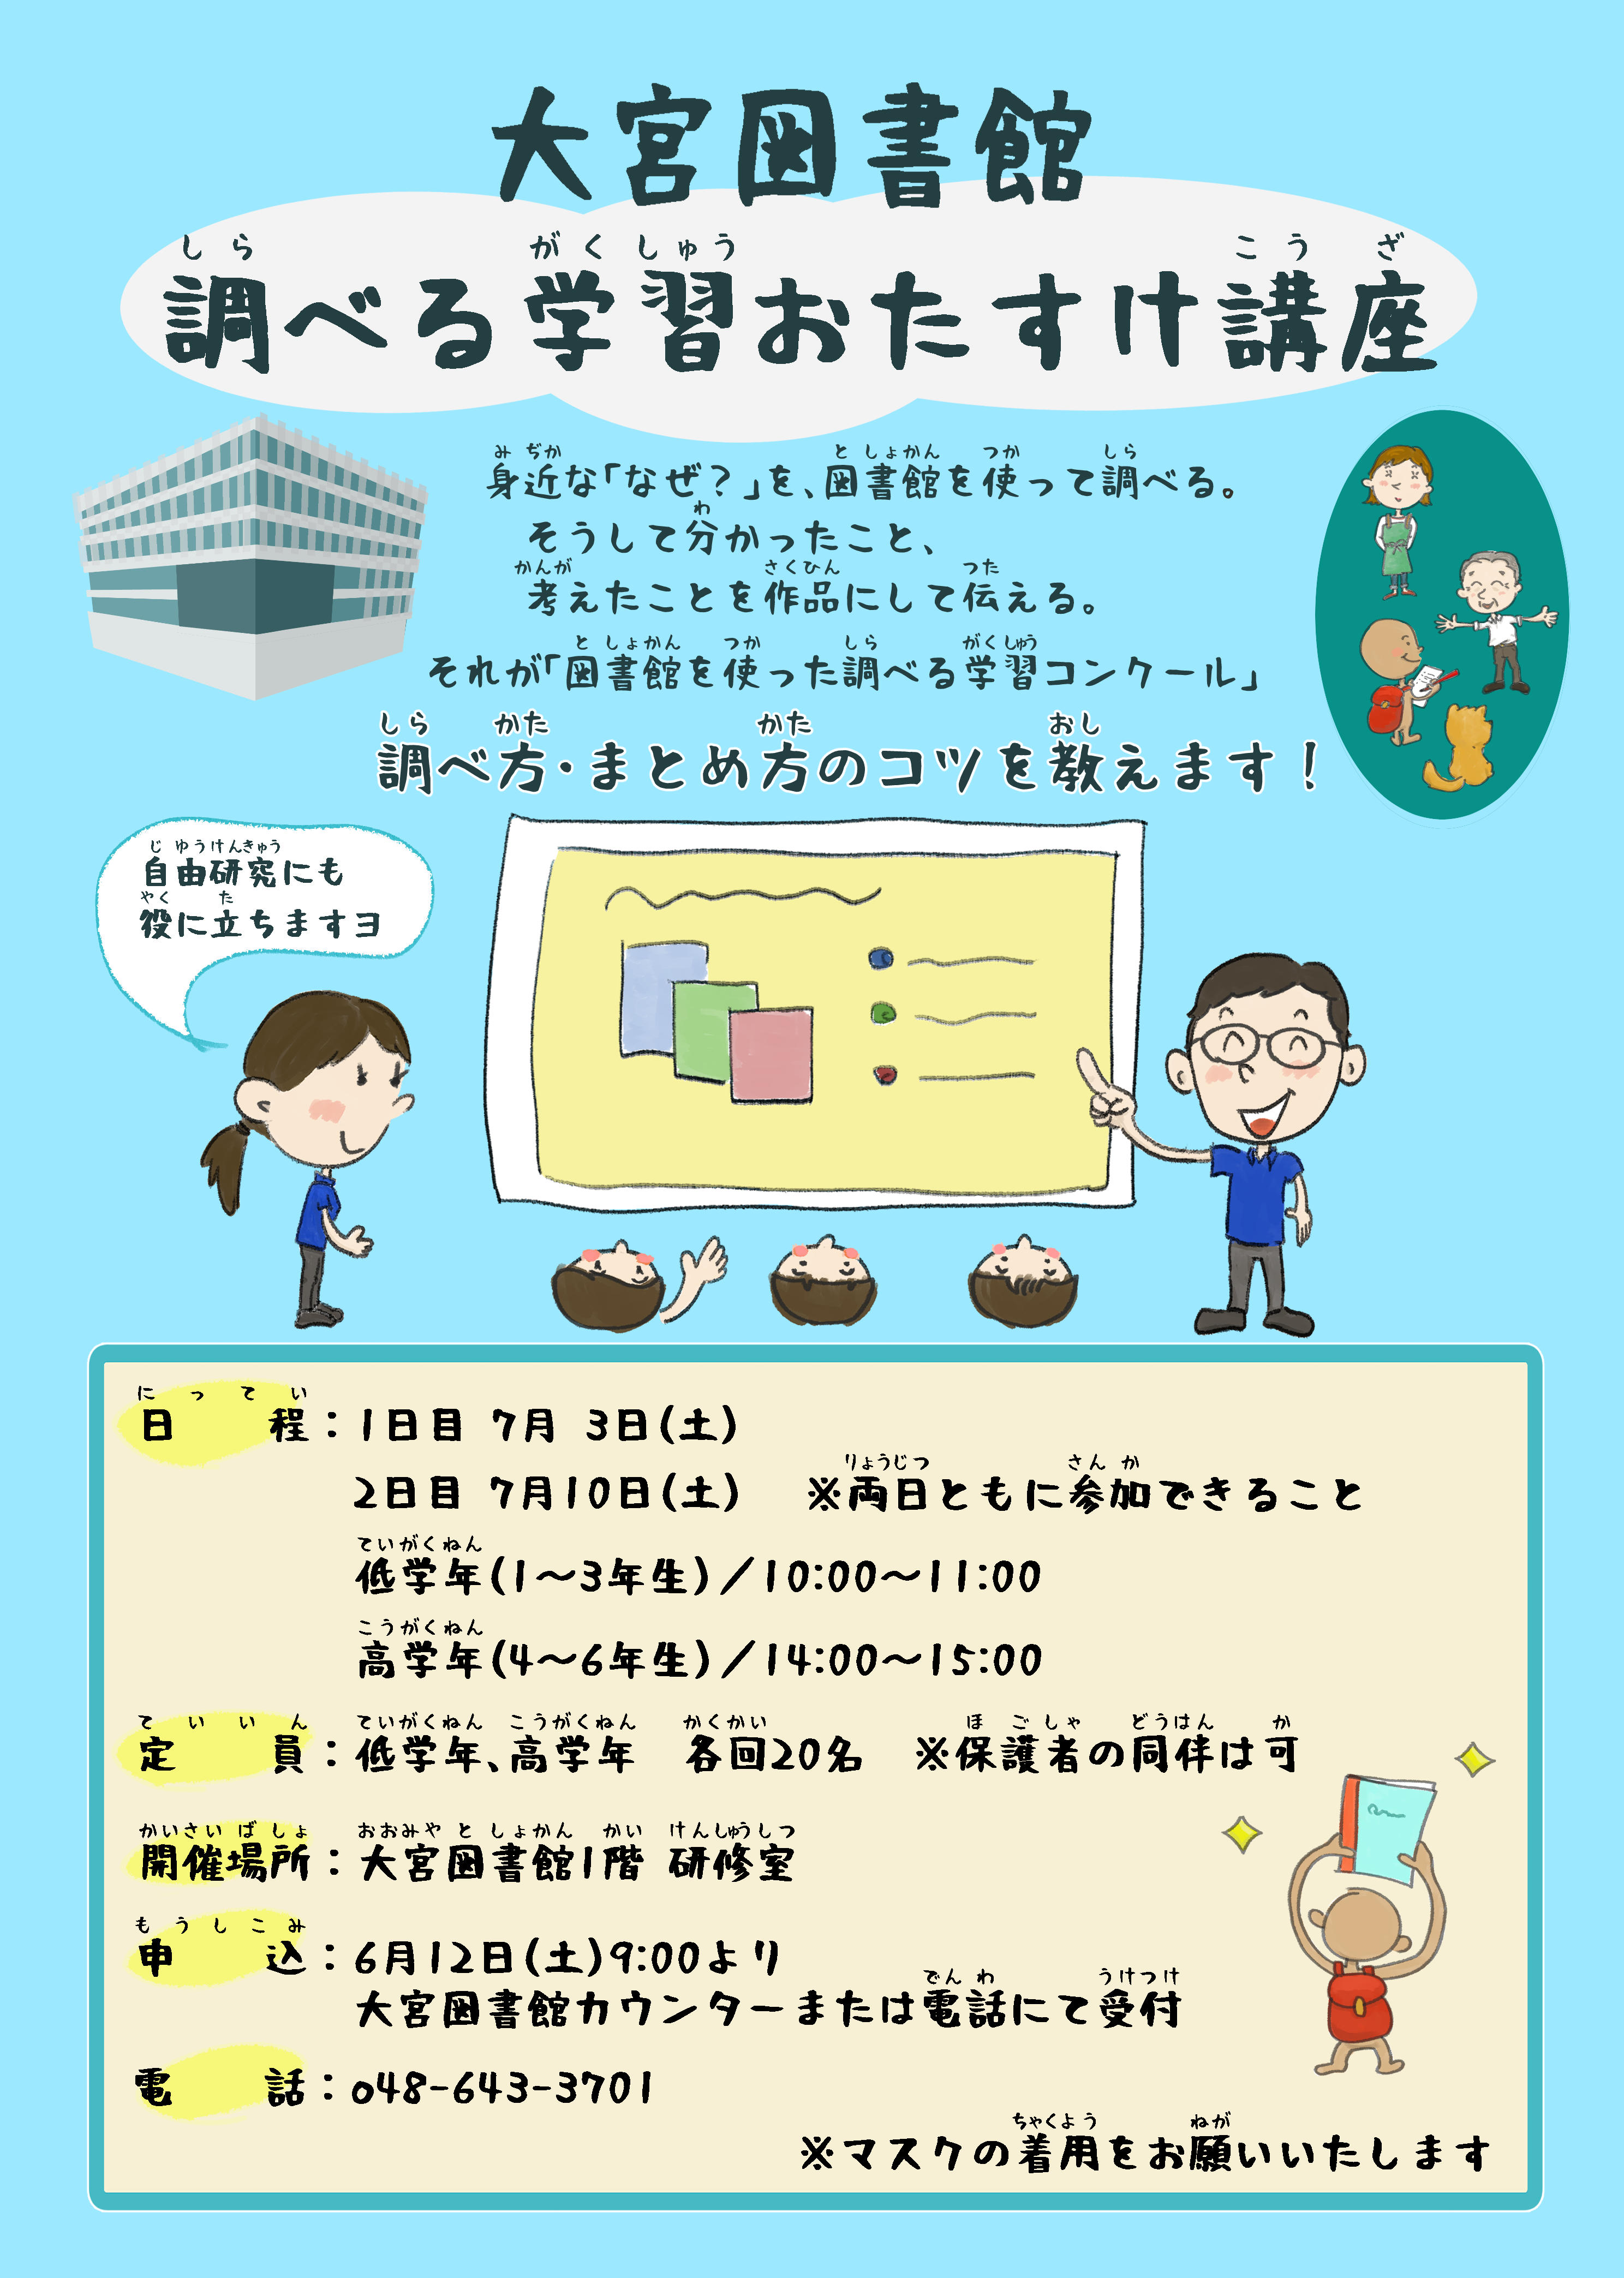 【改】調べる学習おたすけ講座.jpg